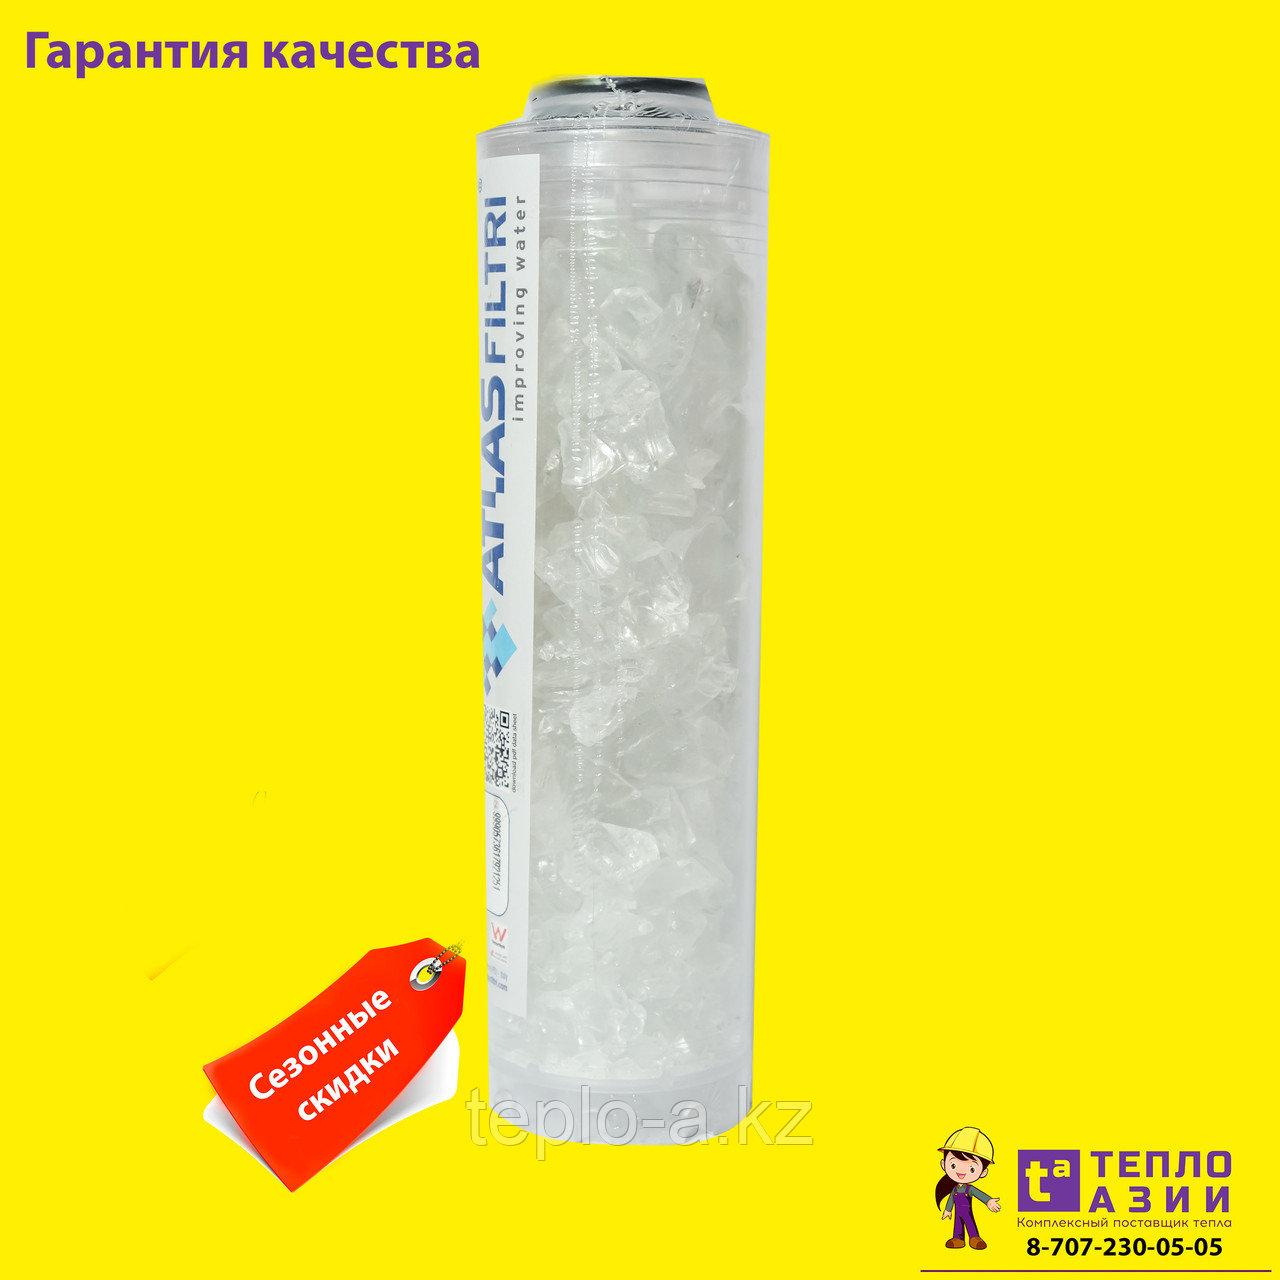 Фильтр полифосфатный для котлов Atlas Filtri